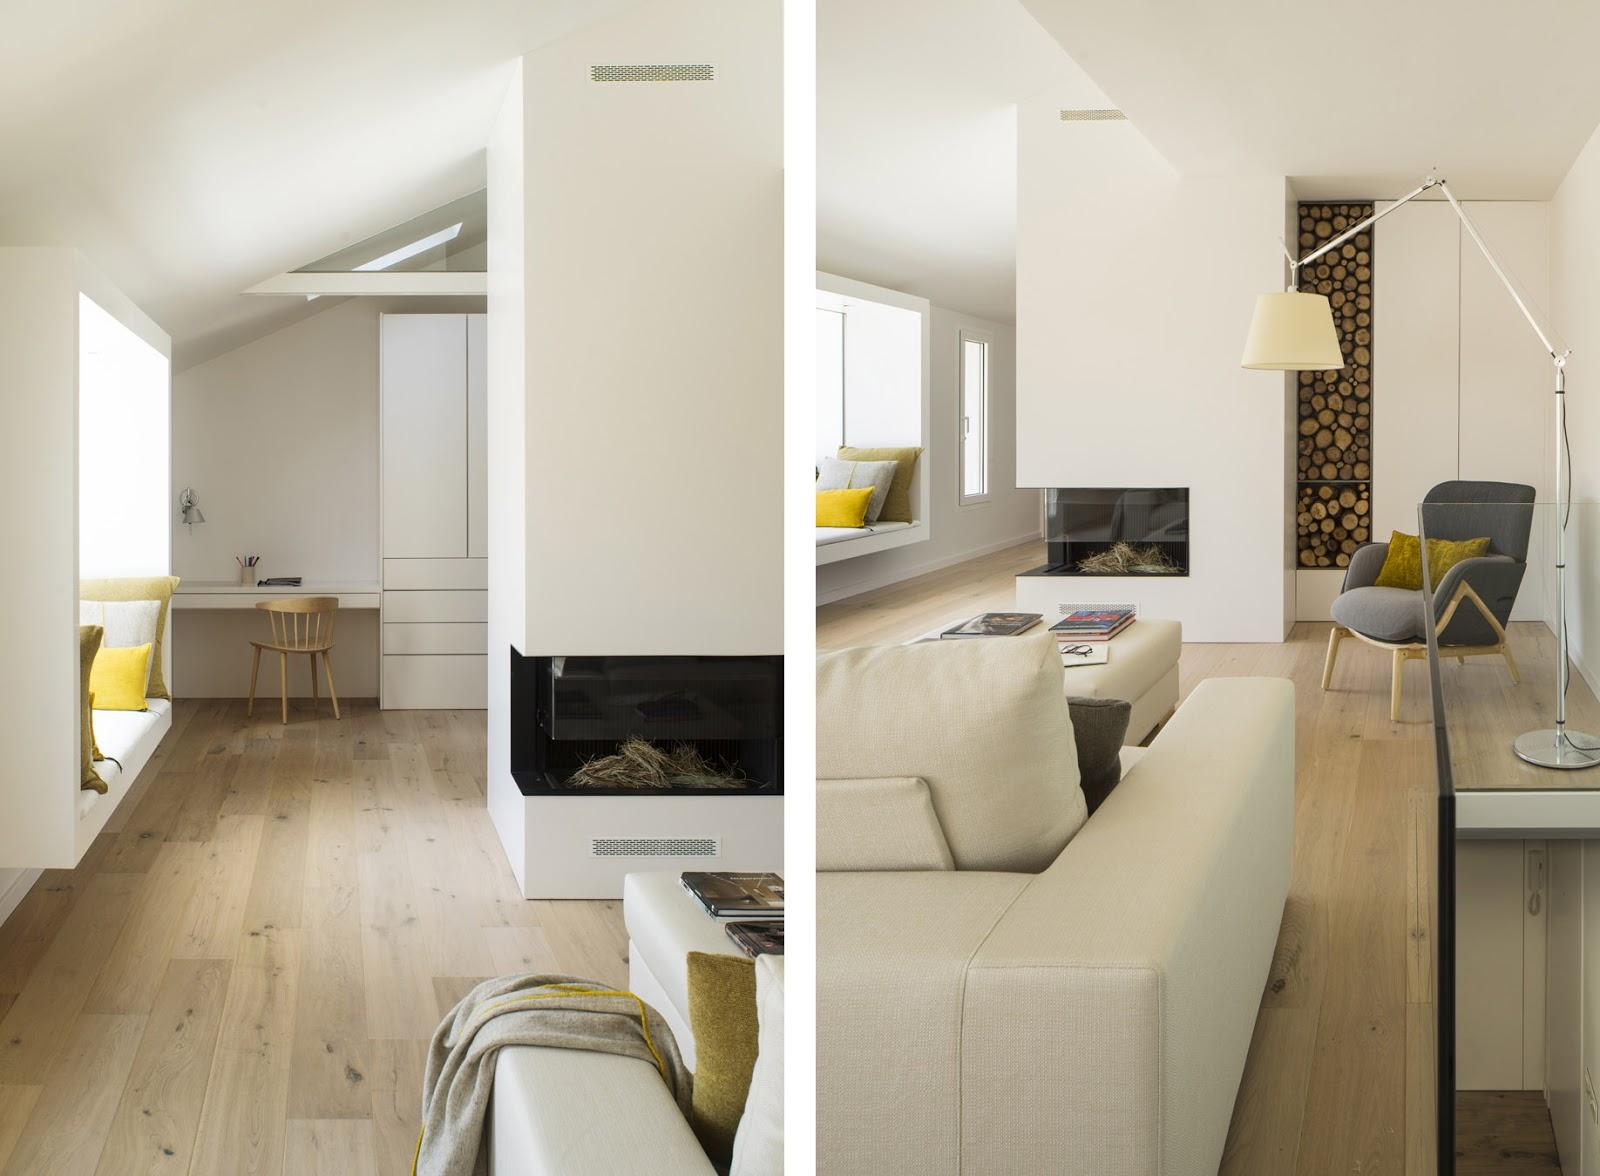 Maison de vacances a barcellona con colori chiari ed arredi naturali by susanna cots arc art - Colori per interno casa ...